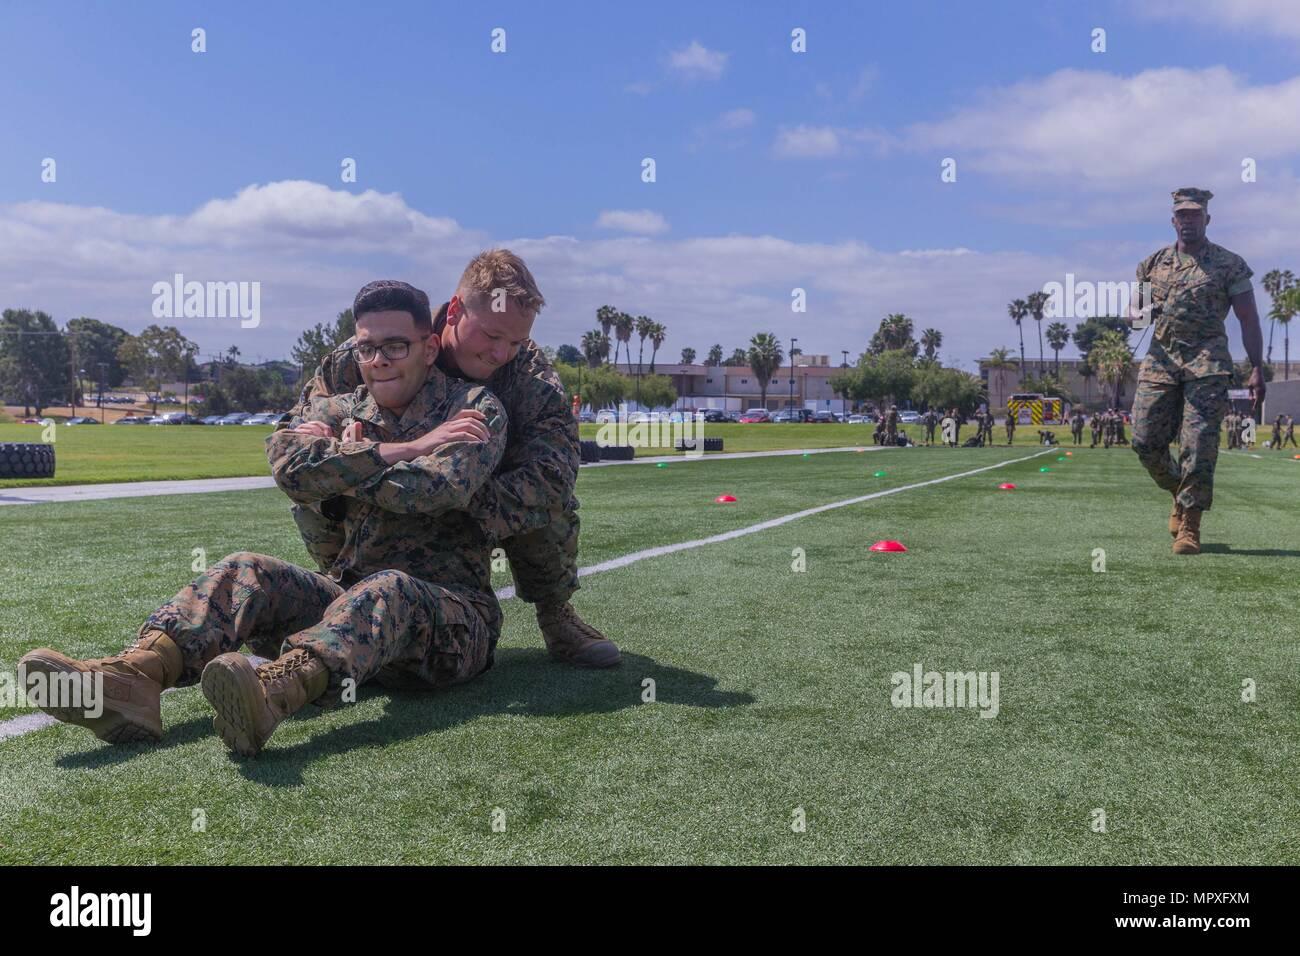 Los Marines de Estados Unidos participa en la Buddy arrastrar parte de la maniobra bajo fuego durante un combate fitness test para el comandante general del programa de inspección en la casa de campo de página en Marine Corps Base Camp Pendleton, California el 15 de mayo de 2018, 15 de mayo de 2018. Un Marine es la buena forma física es esencial para el día a día la eficacia y preparación para el combate de la Infantería de Marina. El Marine Corps física se considera un aspecto indispensable de liderazgo. (Ee.Uu. Marine Corps foto por Lance Cpl. Kerstin Roberts/liberado). () Imagen De Stock